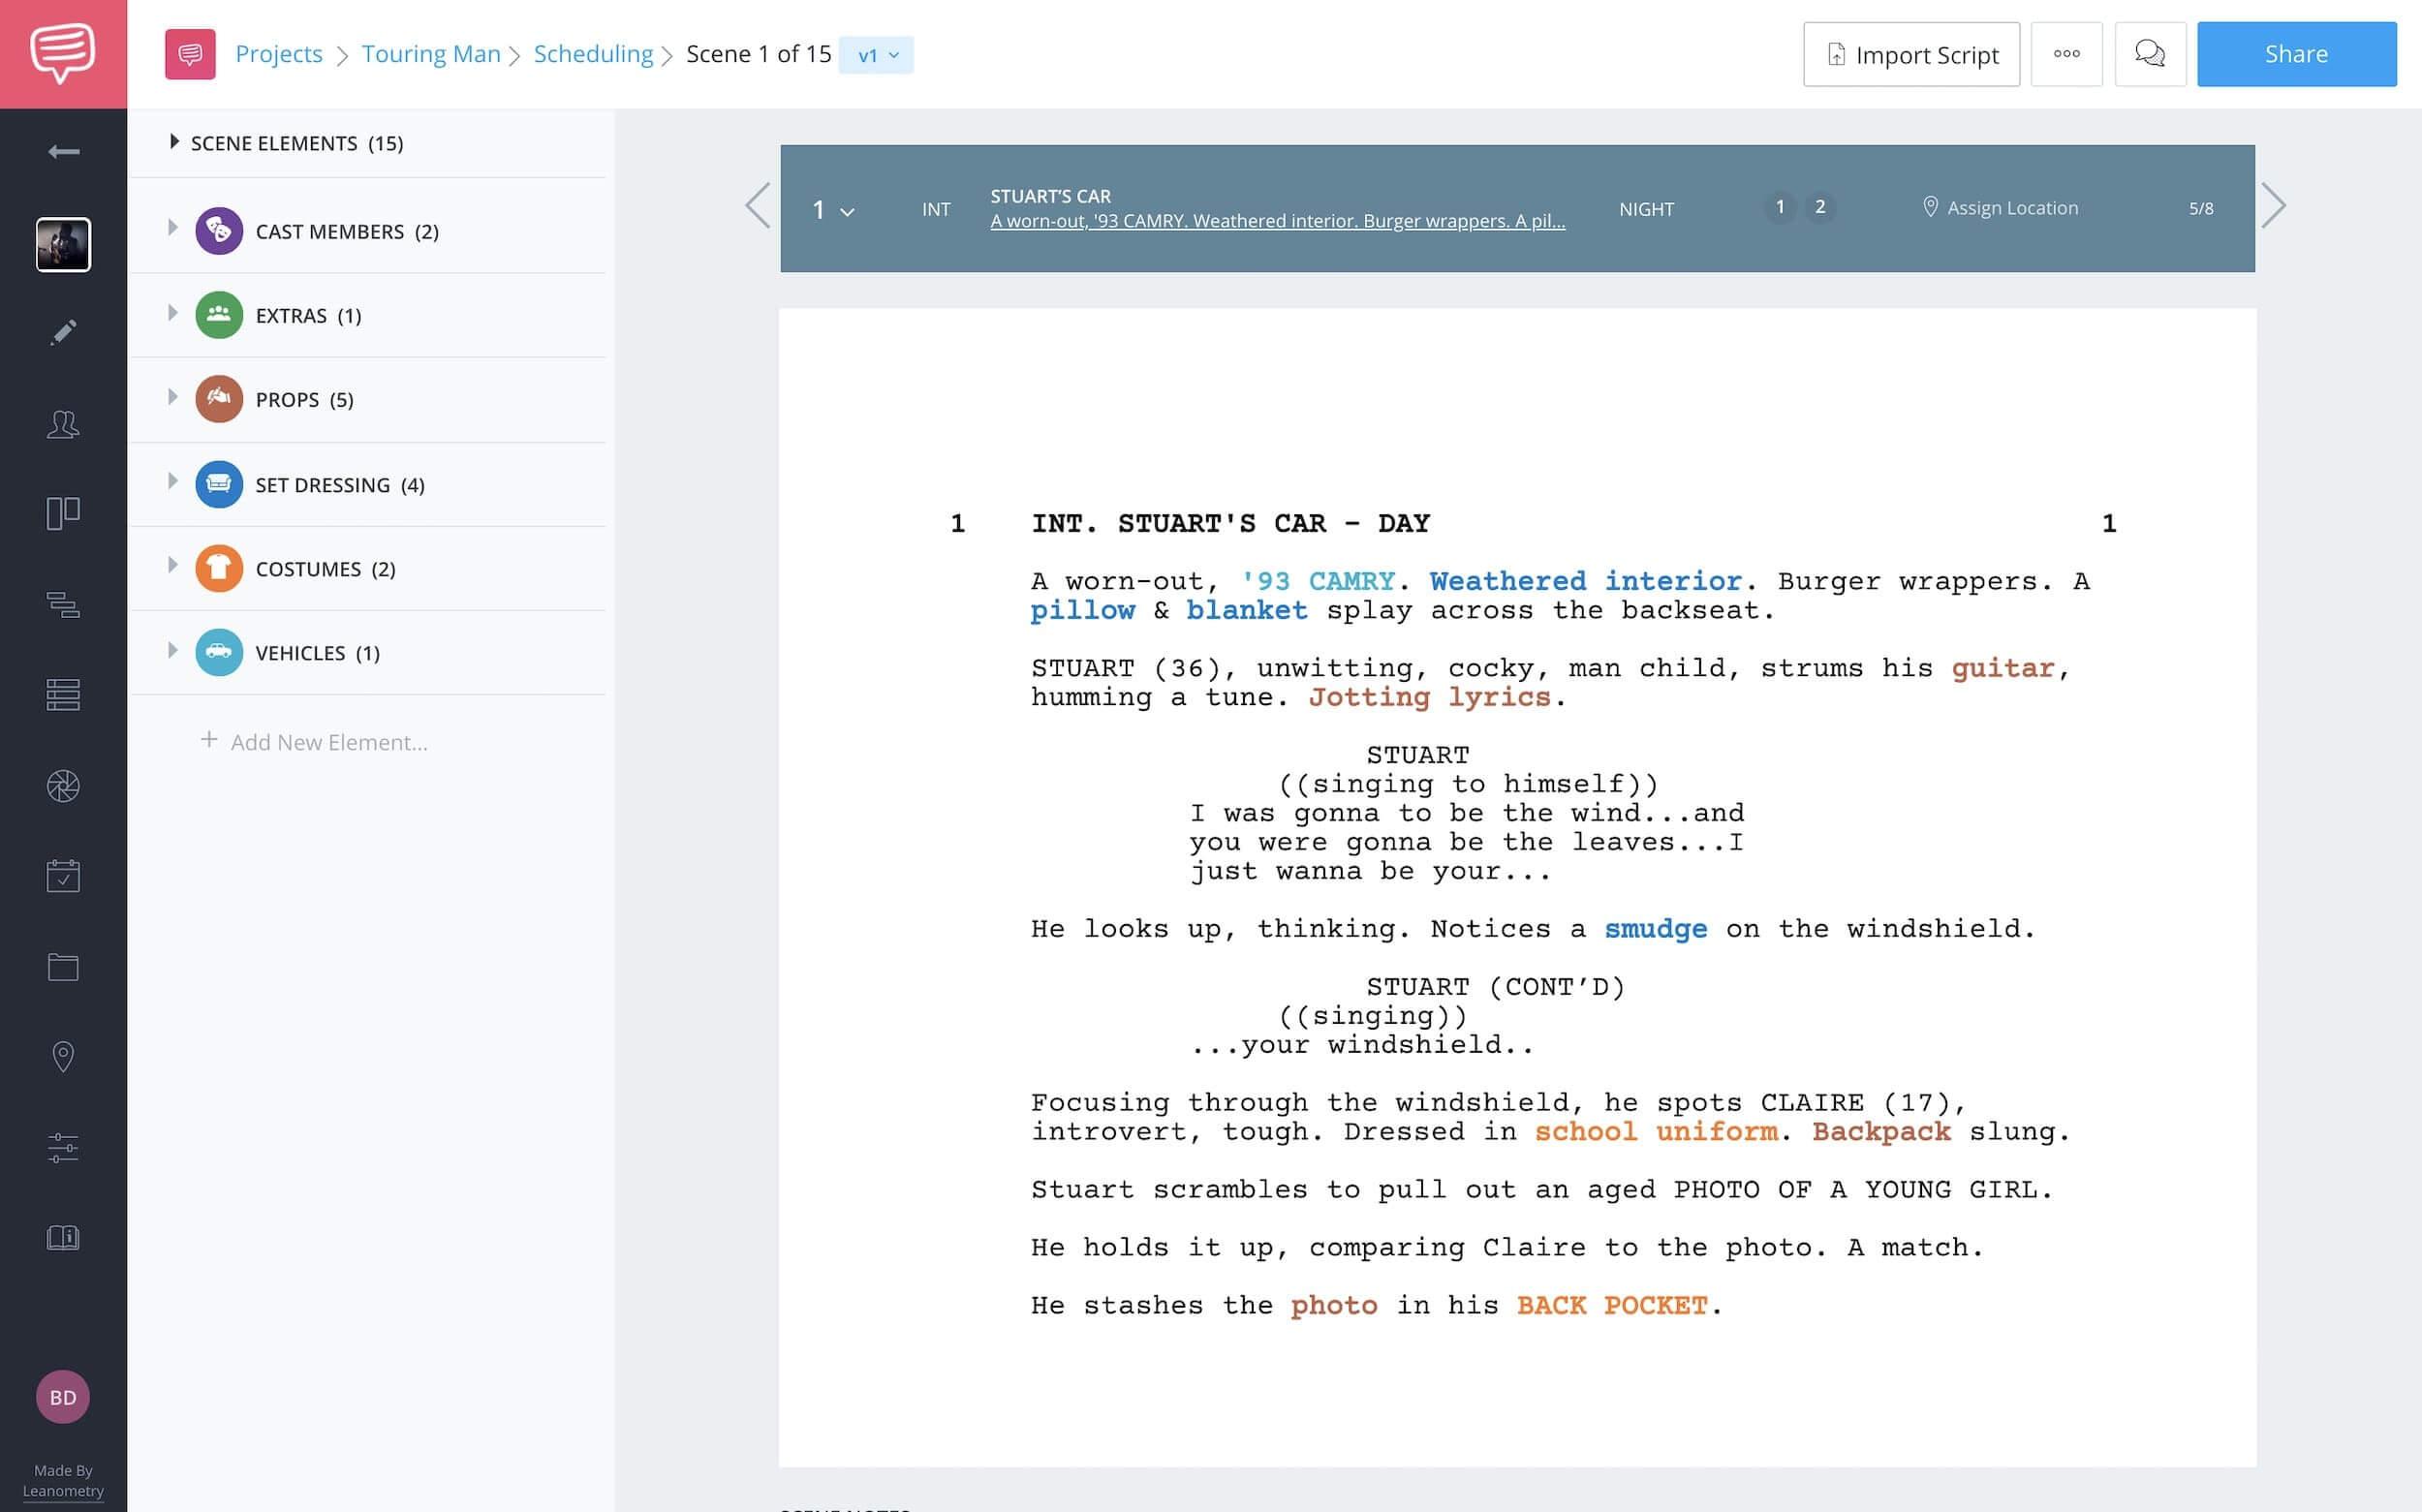 How to Renumber Scenes in StudioBinder - StudioBinder Script Breakdown Sheet Software